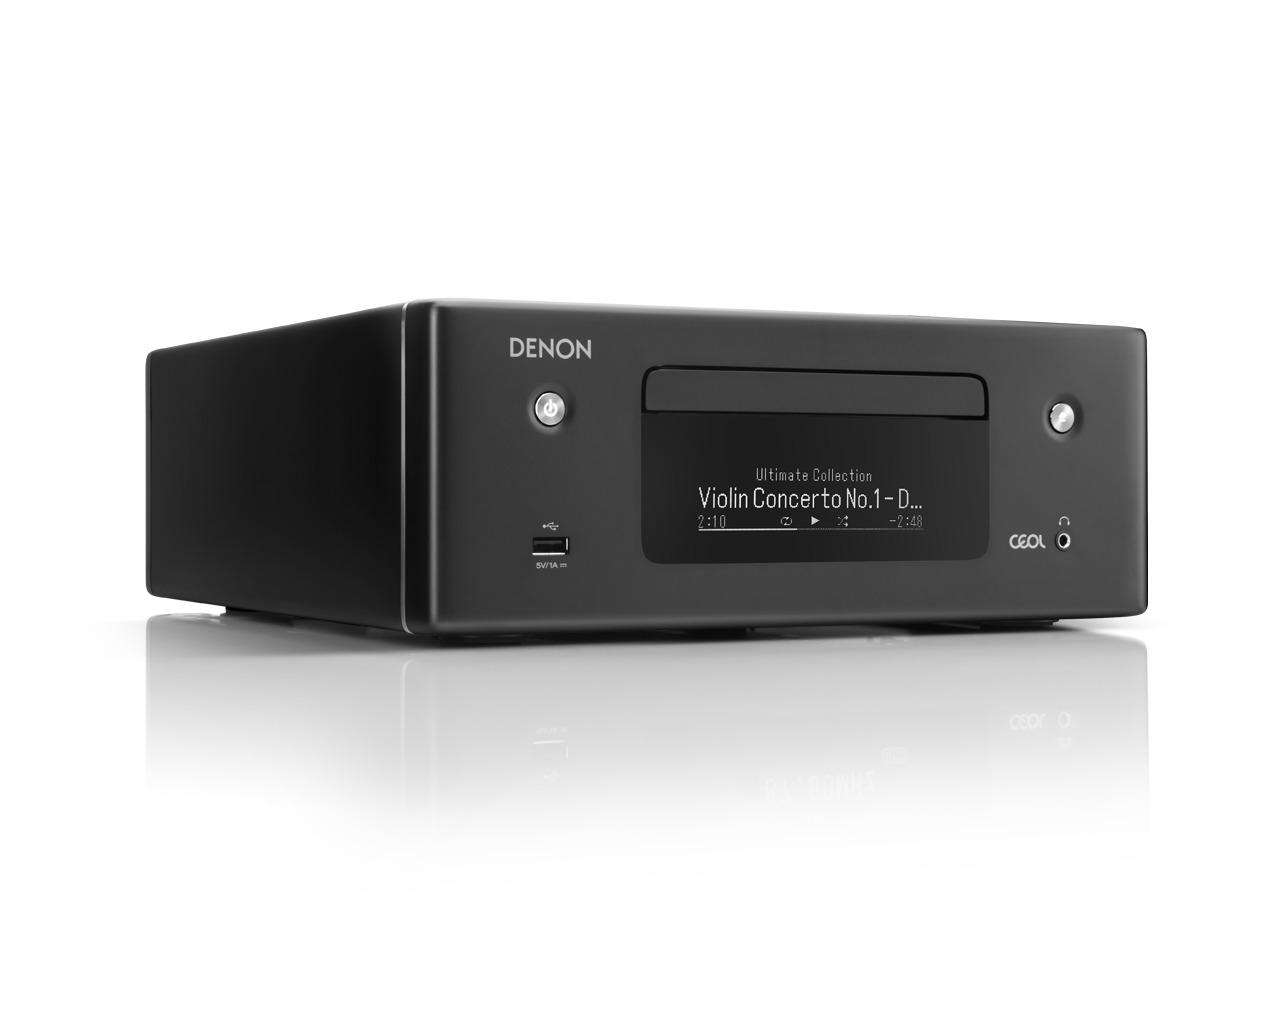 Korting Denon RCDN10BKE2 stereo set